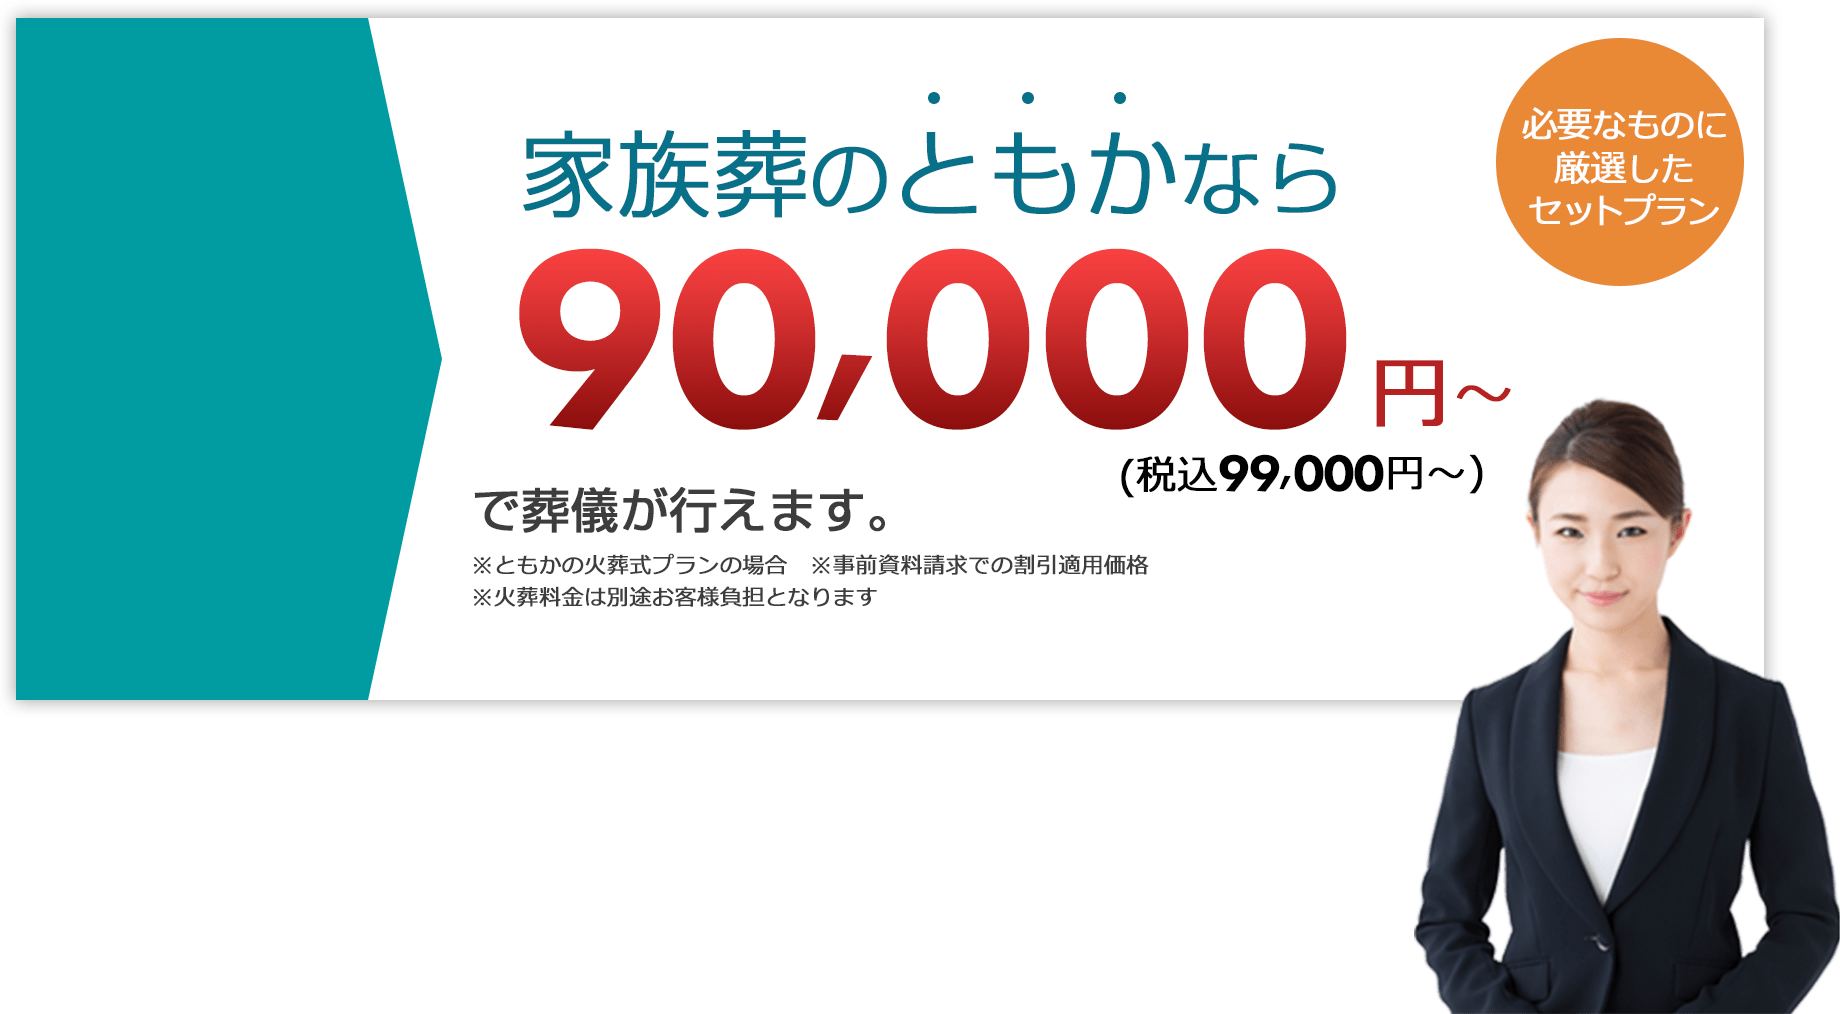 金沢で葬儀・家族葬をお探しですか?家族葬のともかなら9万円~で葬儀が行えます。